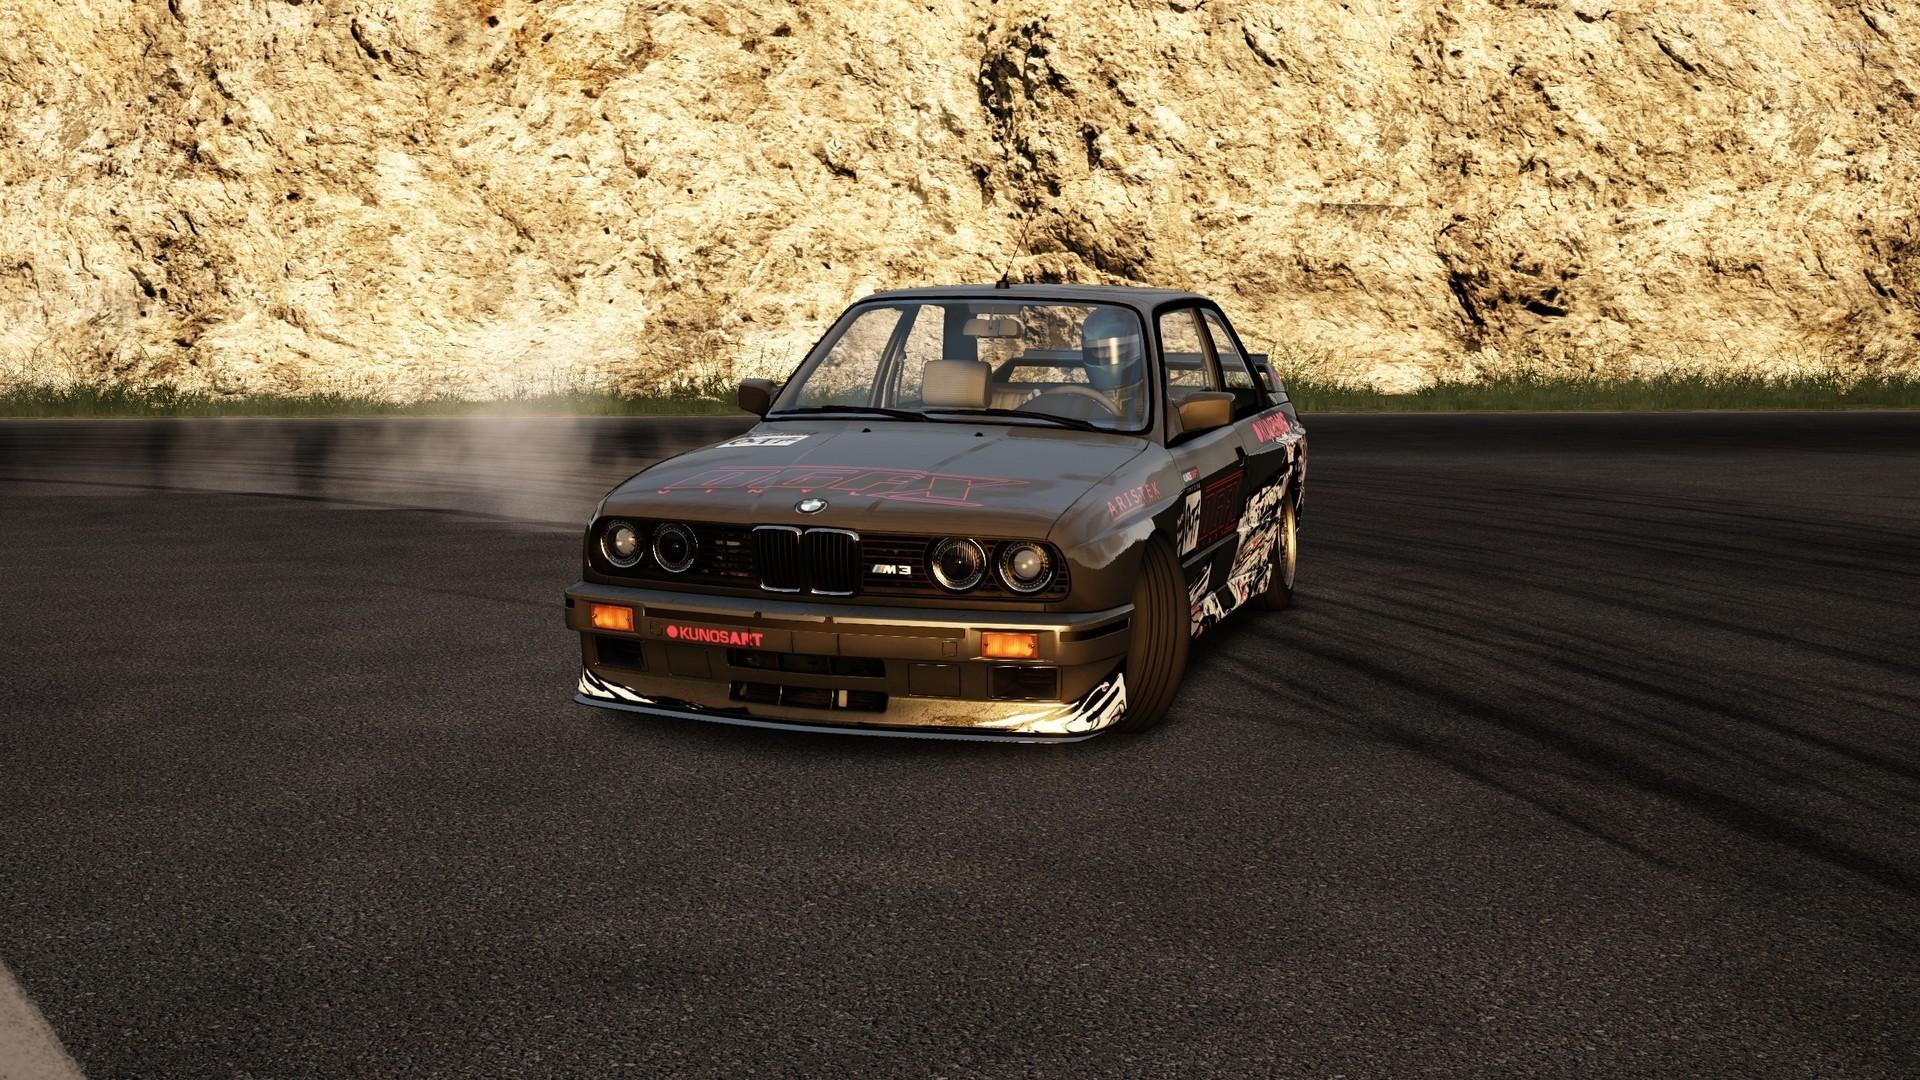 bmw m3 drifting wallpaper digital art wallpapers 36649